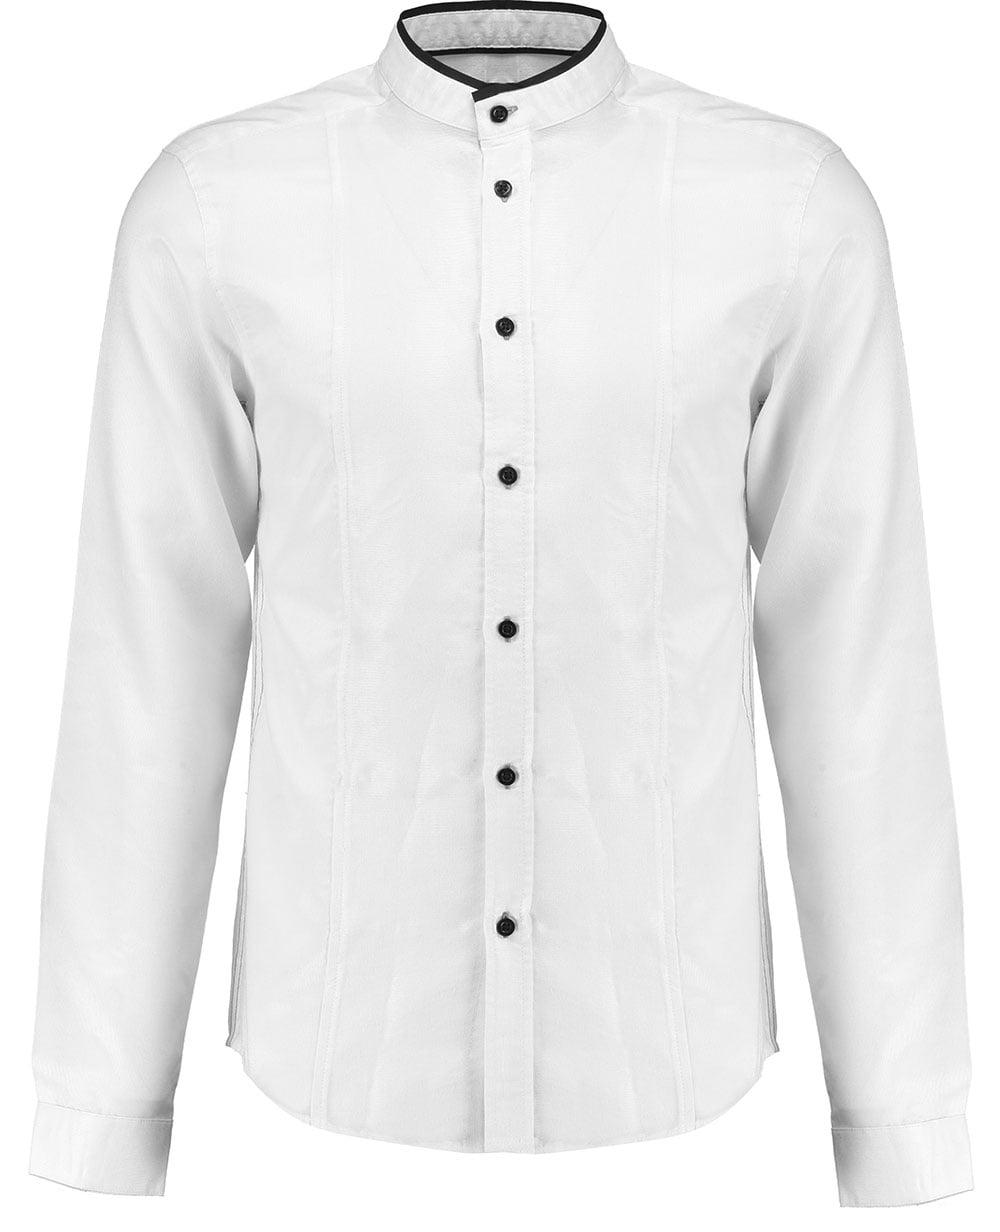 Retro Fire Mens Shirt White Long Sleeve Grandad Formal